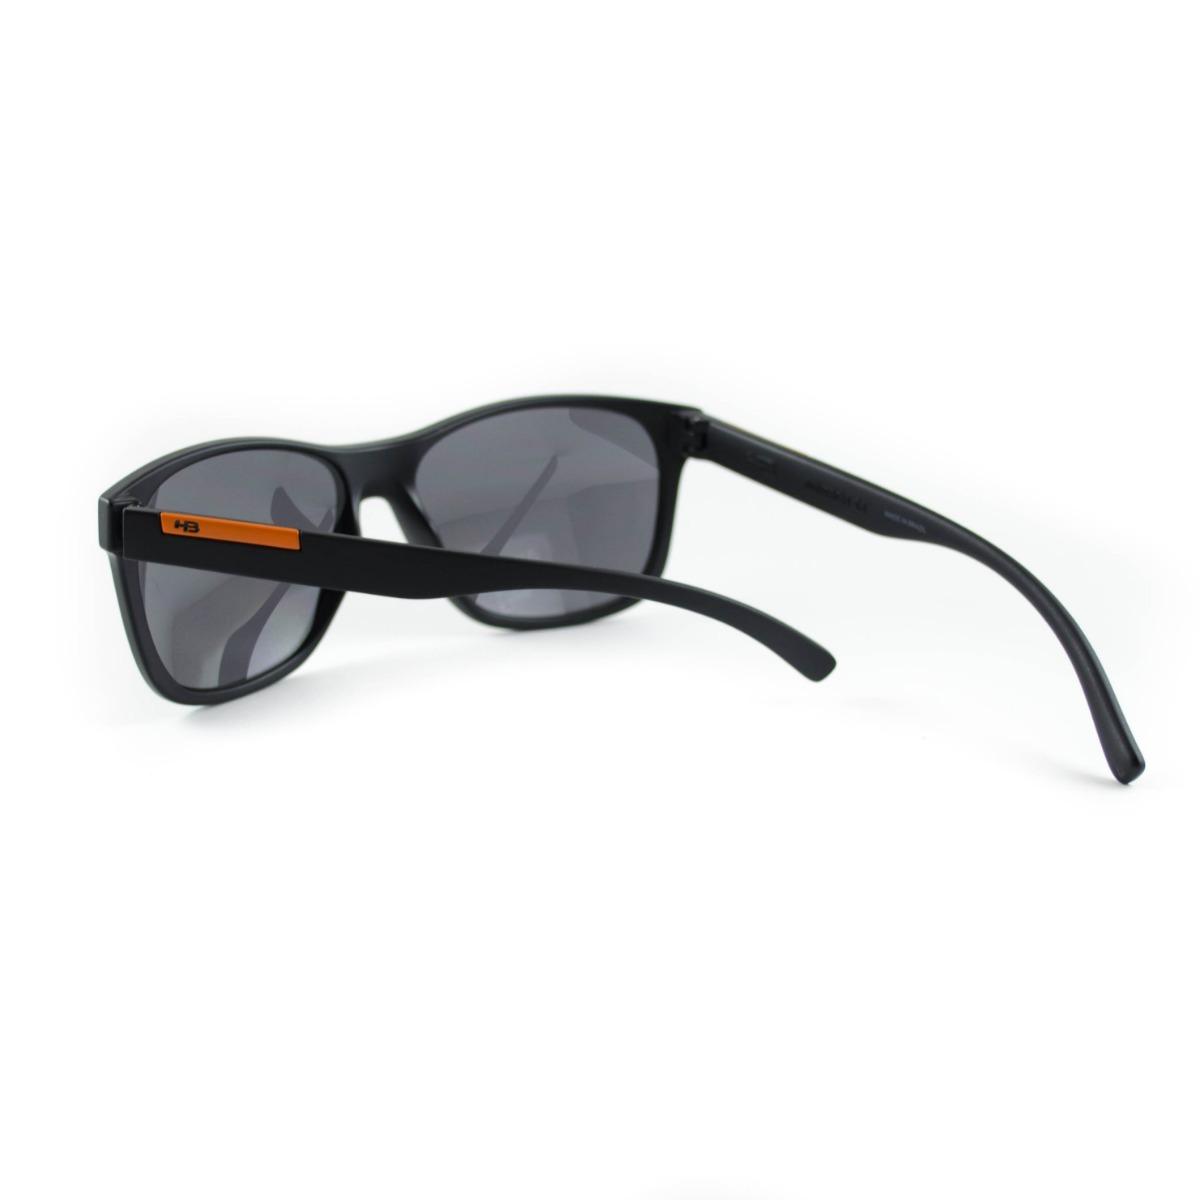 8876bf400 Óculos De Sol Hb - Underground 90114 706 - Preto - R$ 269,99 em Mercado  Livre